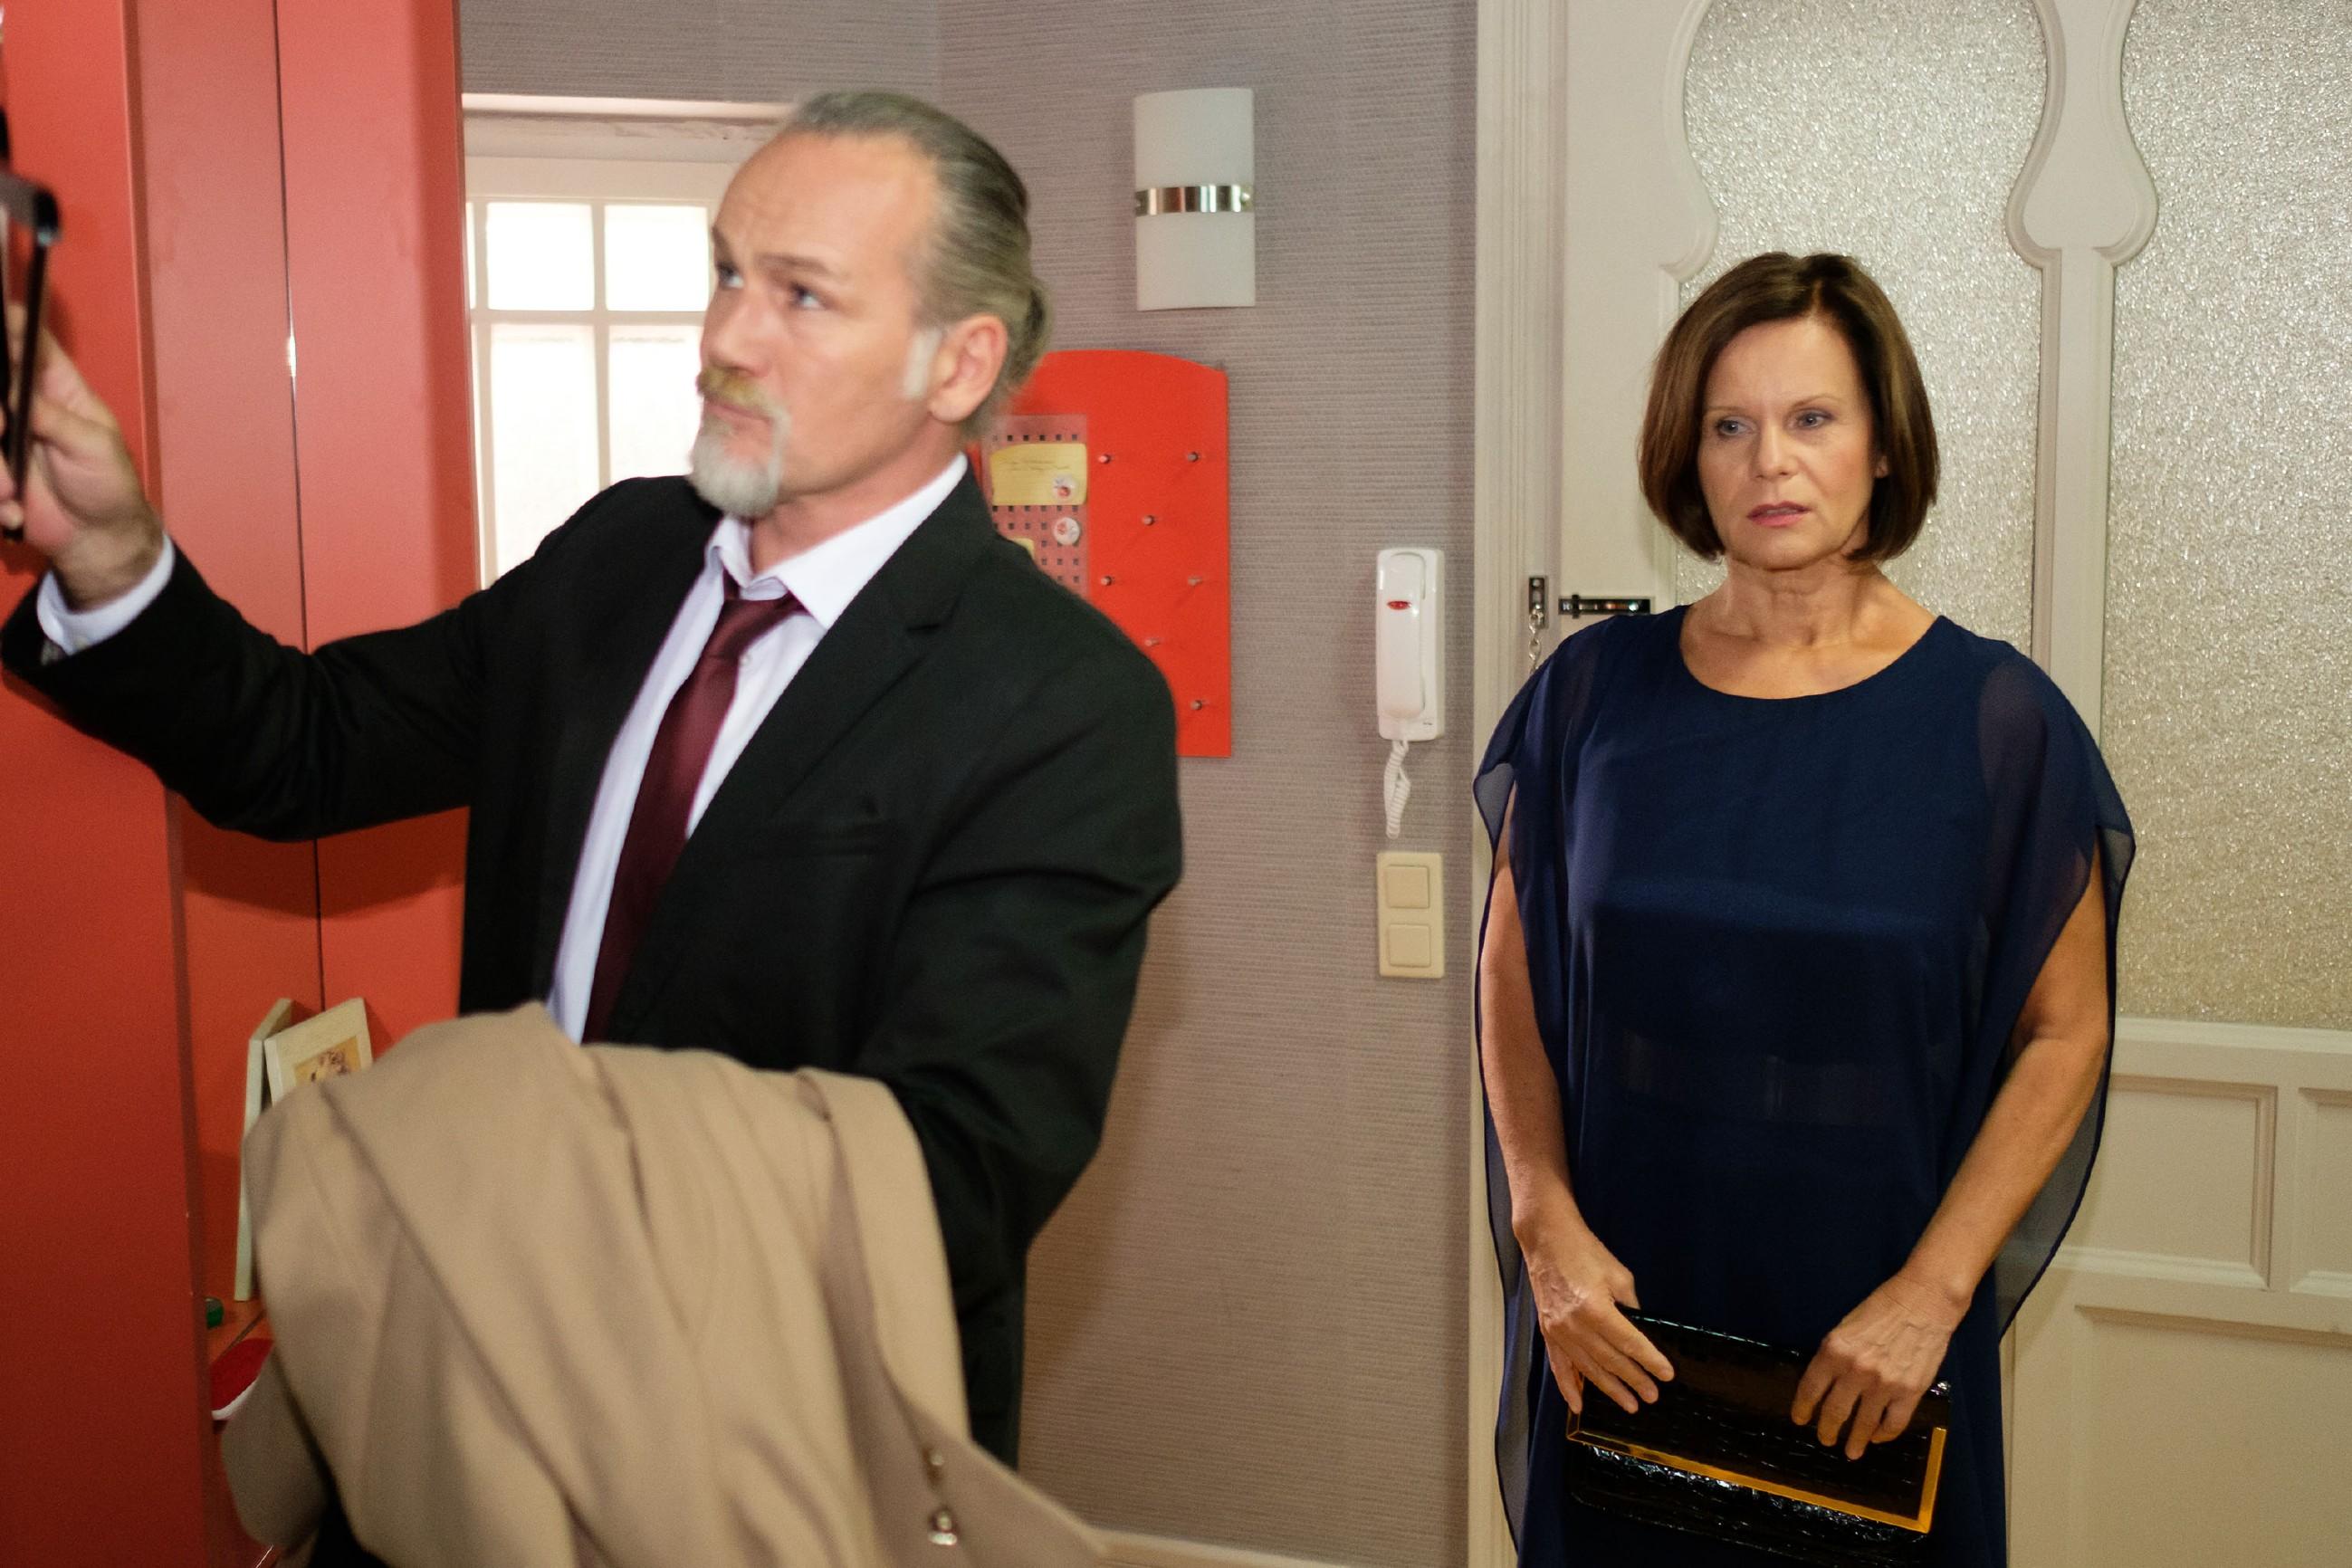 Als Robert (Luca Maric) Irene (Petra Blossey) verheißungsvoll für den Abend um ein Date bittet, glaubt Irene, dass er ihr endlich den Antrag machen will. Doch im Laufe des Abends jagt ein perfekter Moment den nächsten, doch nie stellt Robert die Frage aller Fragen... (Quelle: RTL / Stefan Behrens)